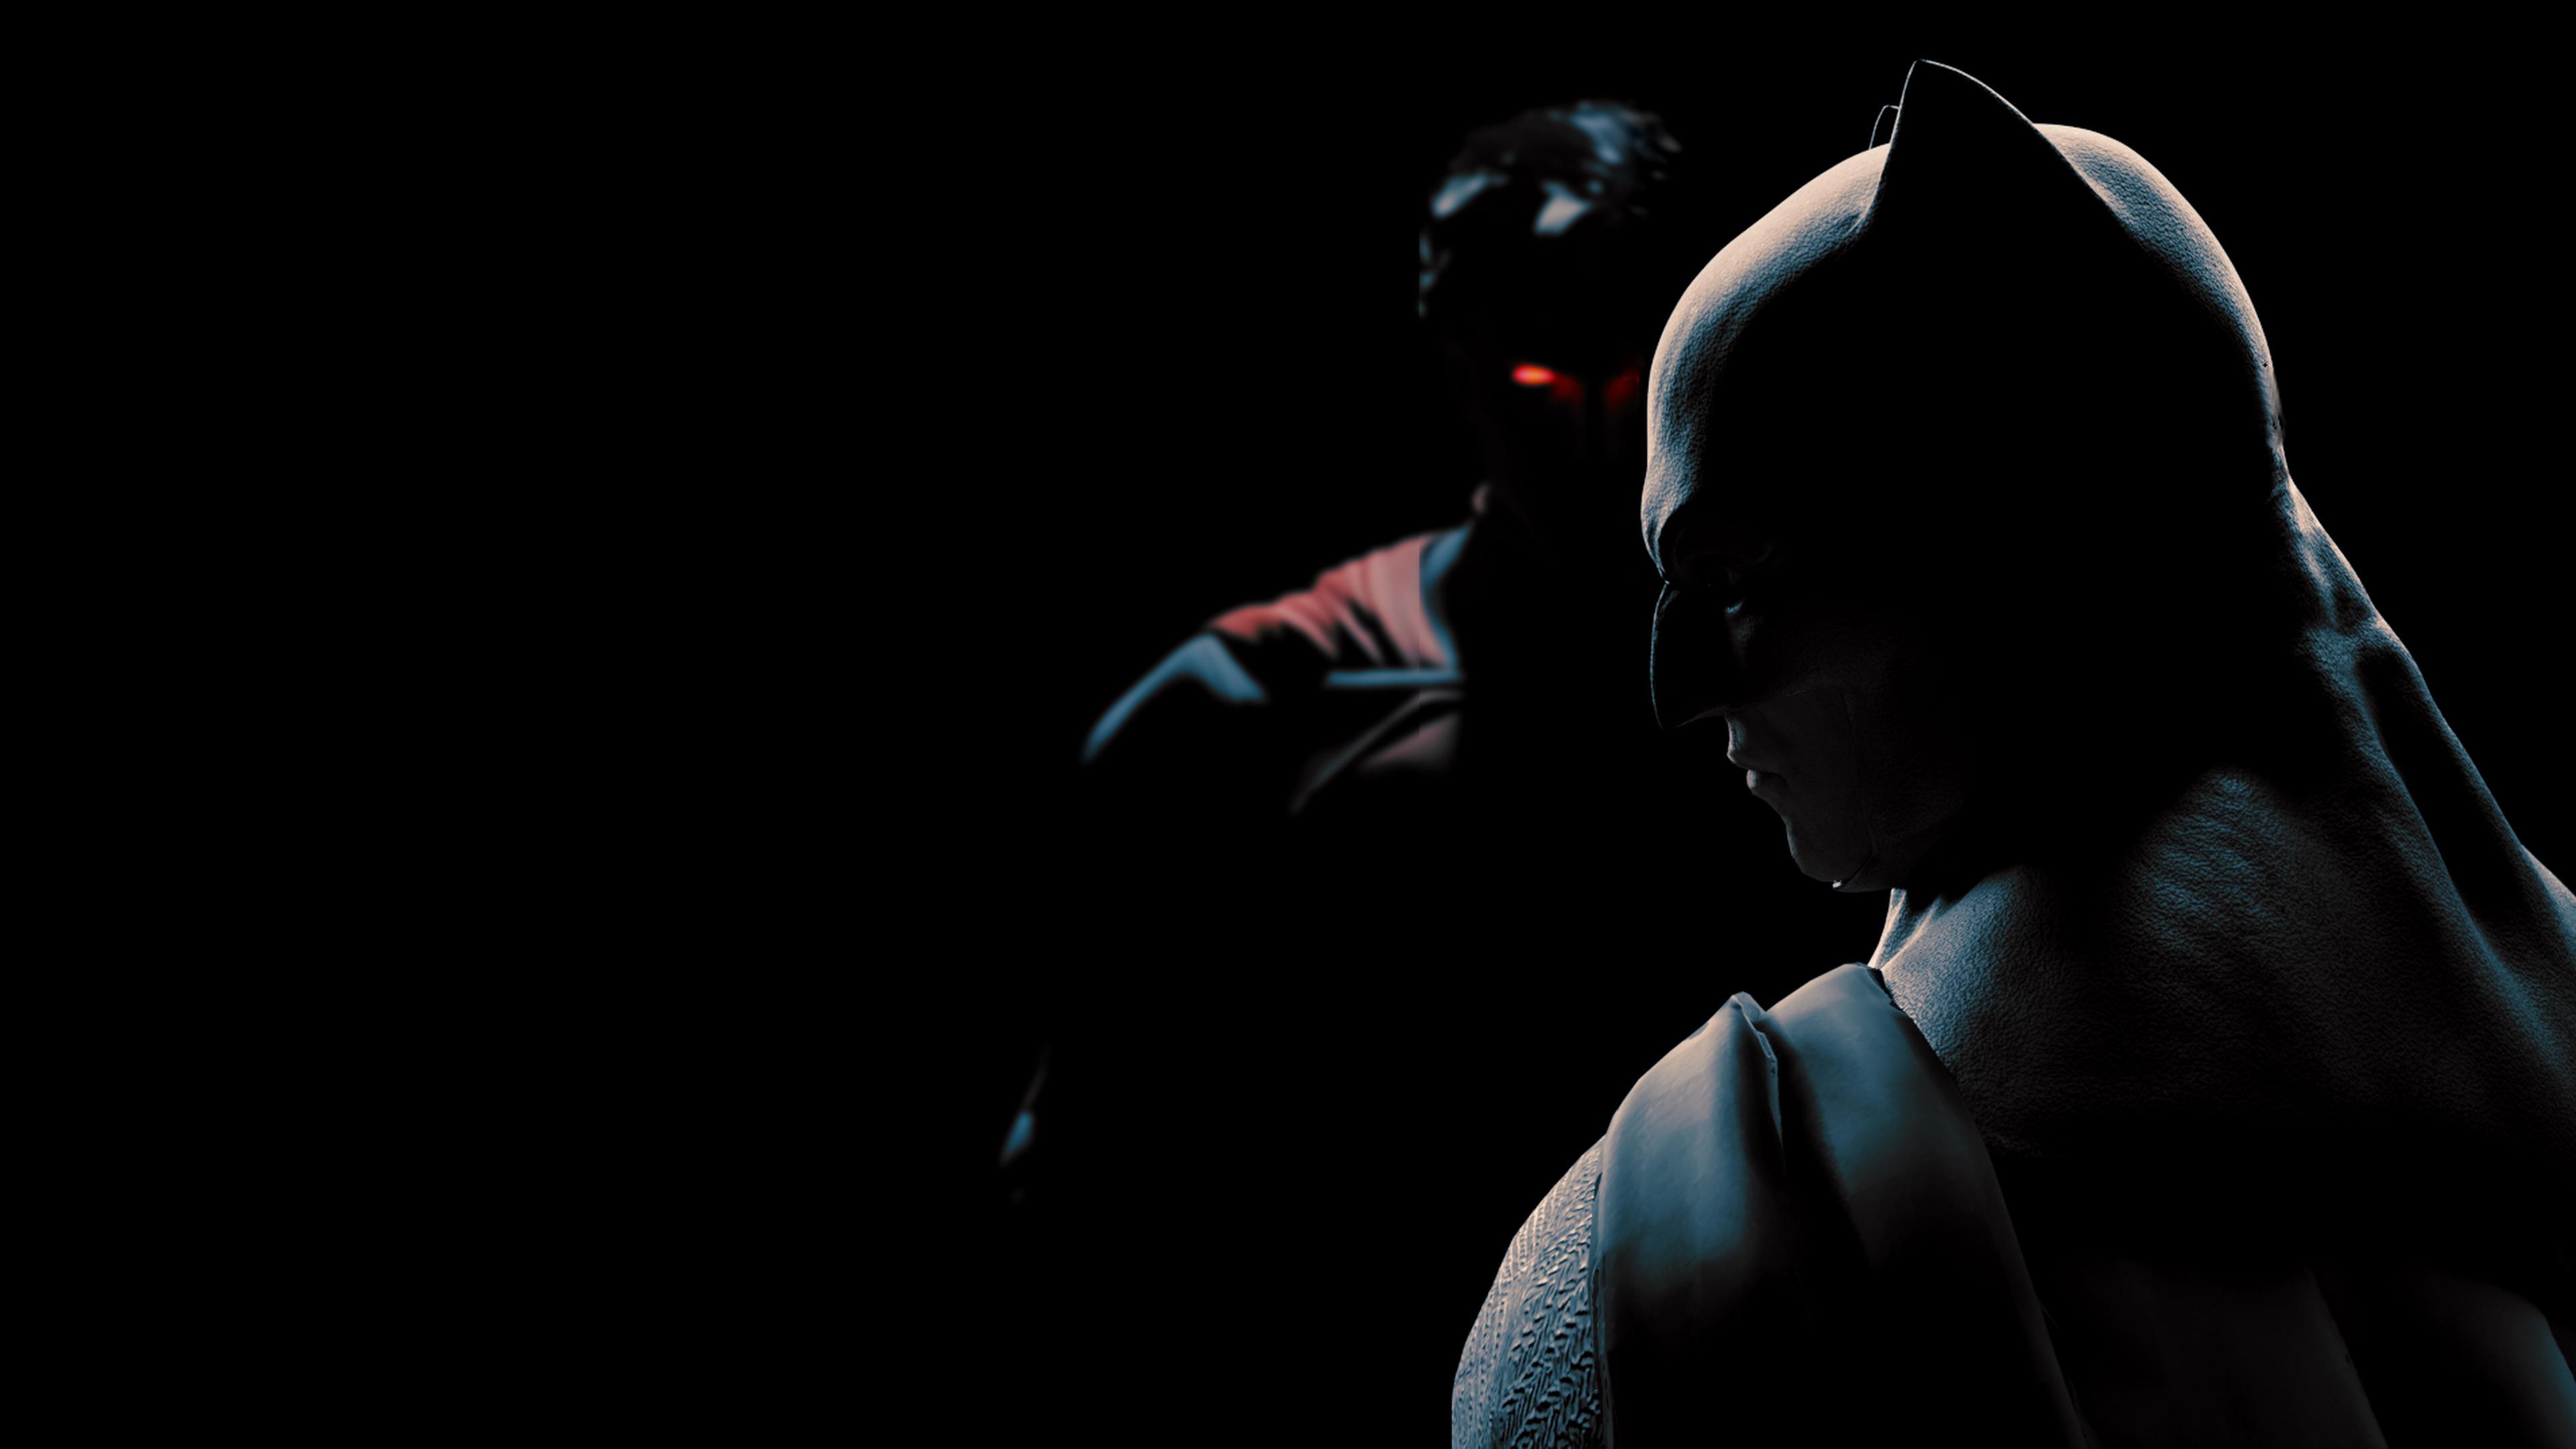 Супермен Бэтмен фан-арт обои скачать